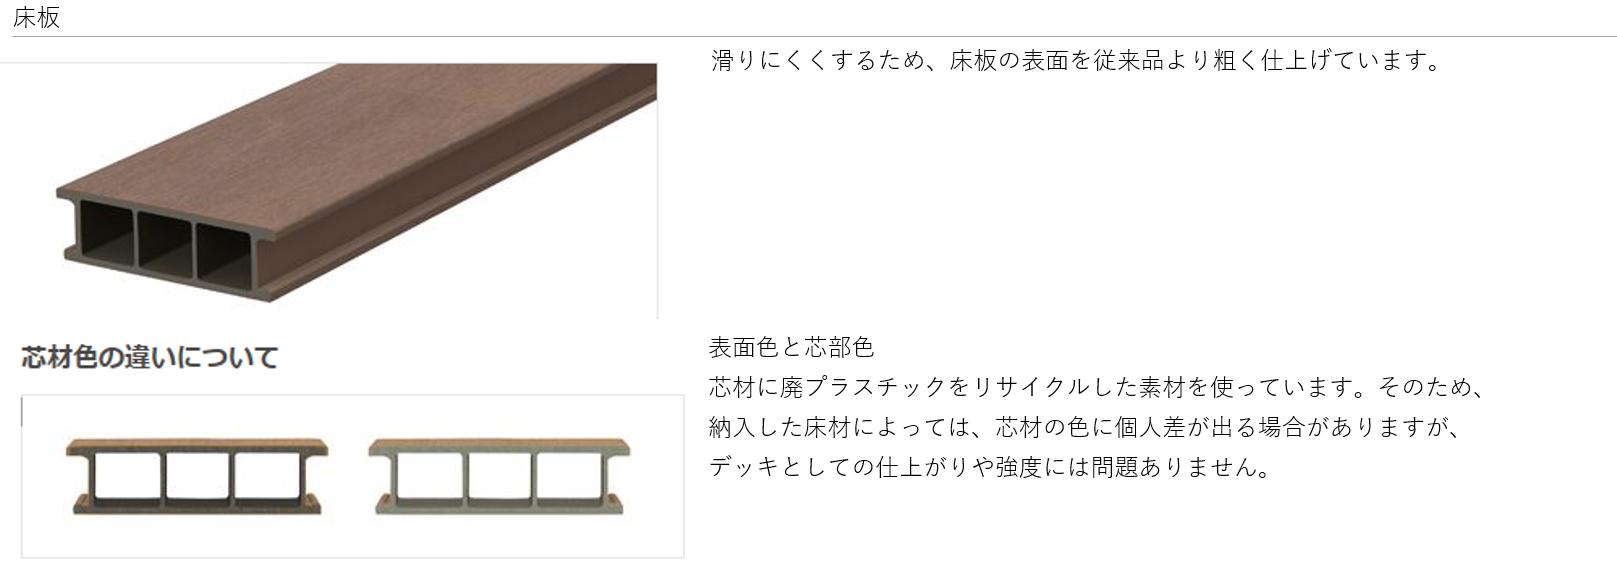 床板 滑りにくくするため、床板の表面を従来品より粗く仕上げています。 芯材色の違いについて 芯材に廃プラスチックをリサイクルした素材を使っています。そのため、納入した床材によっては、芯材の色に個人差がでる場合がありますが、デッキとしての仕上がりや強度には問題ありません。